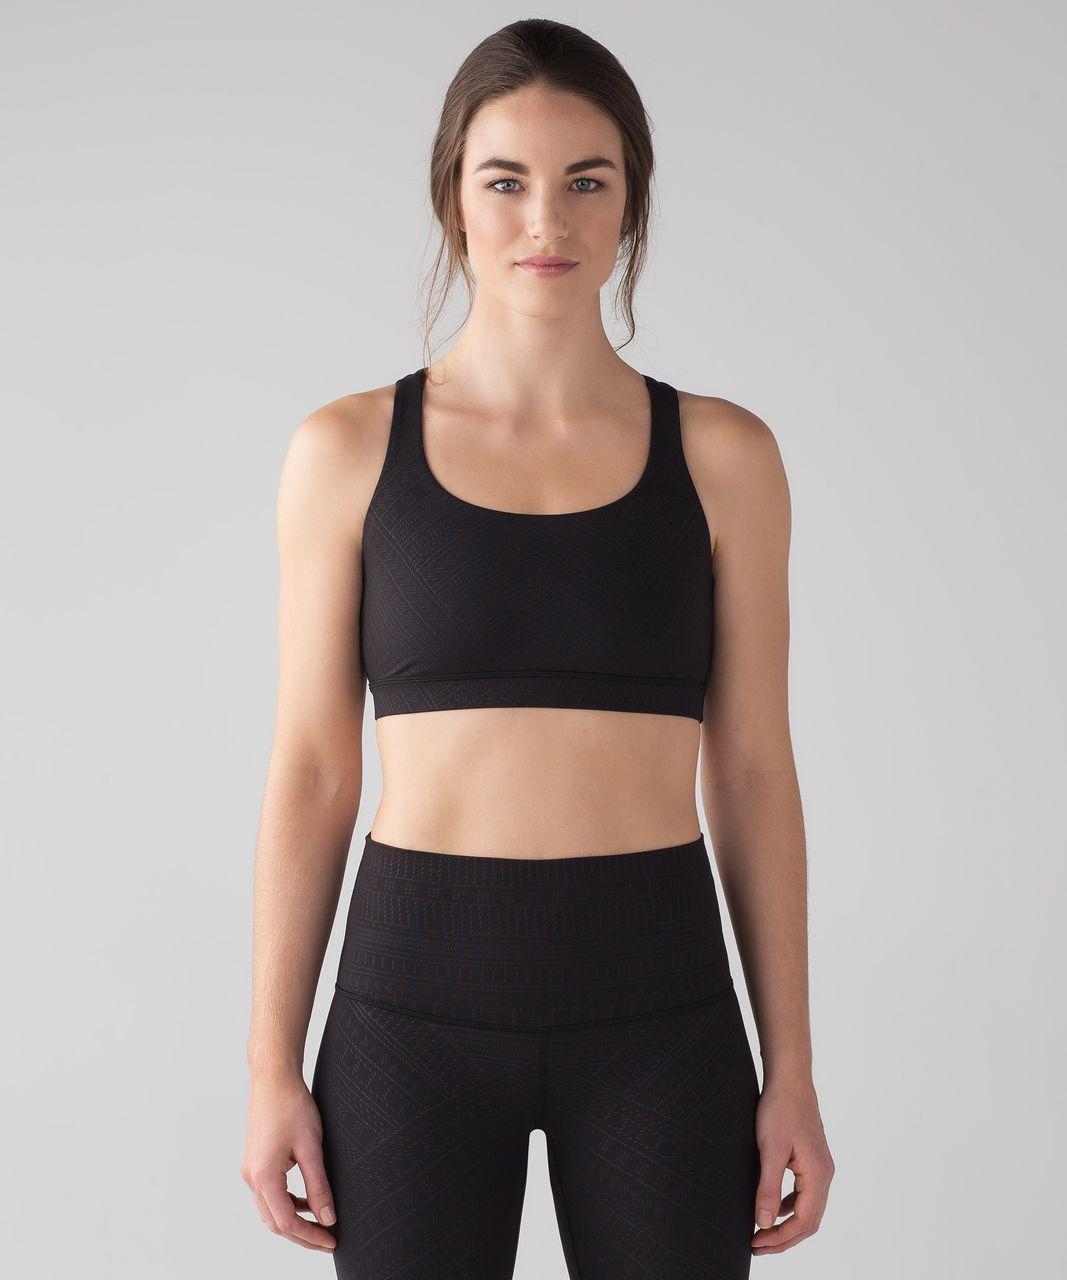 Lululemon Energy Bra - Adorned Emboss Energy Bra Black